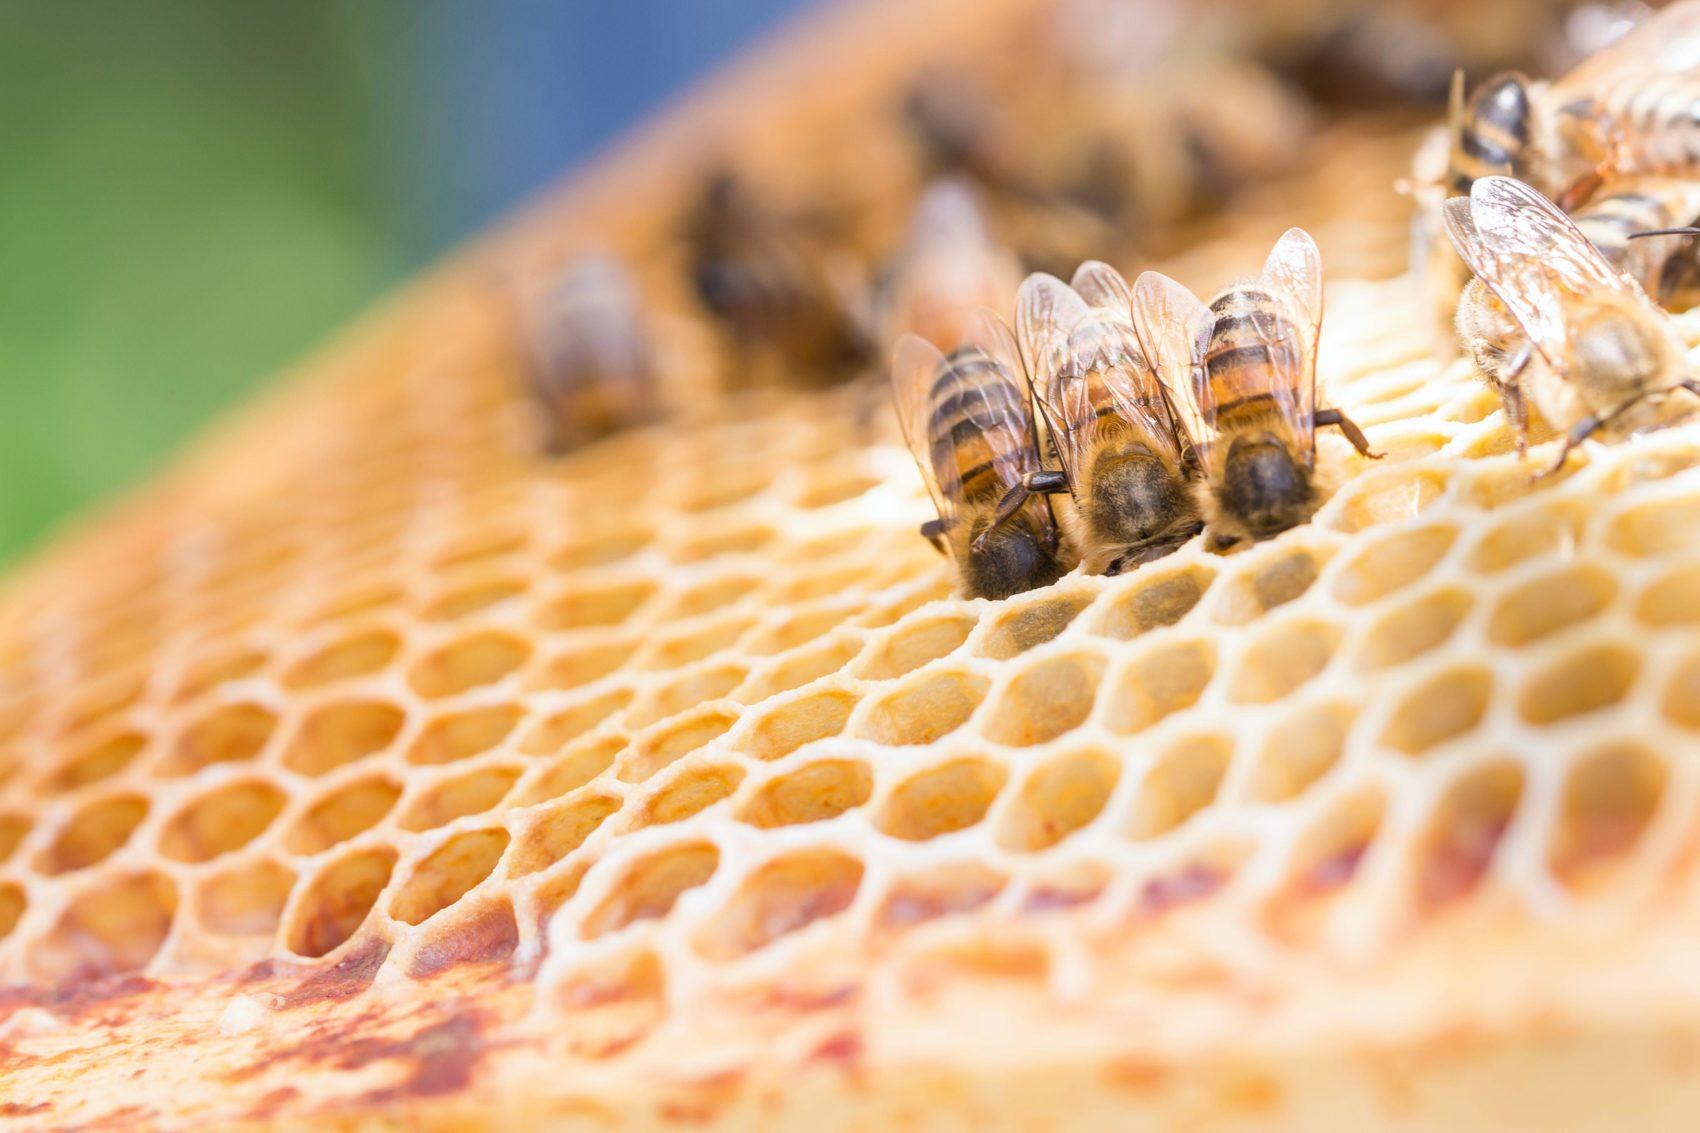 Le bourdonnement des abeilles – Manifeste des Gilets Jaunes Autonomes pour une écologie sensible.